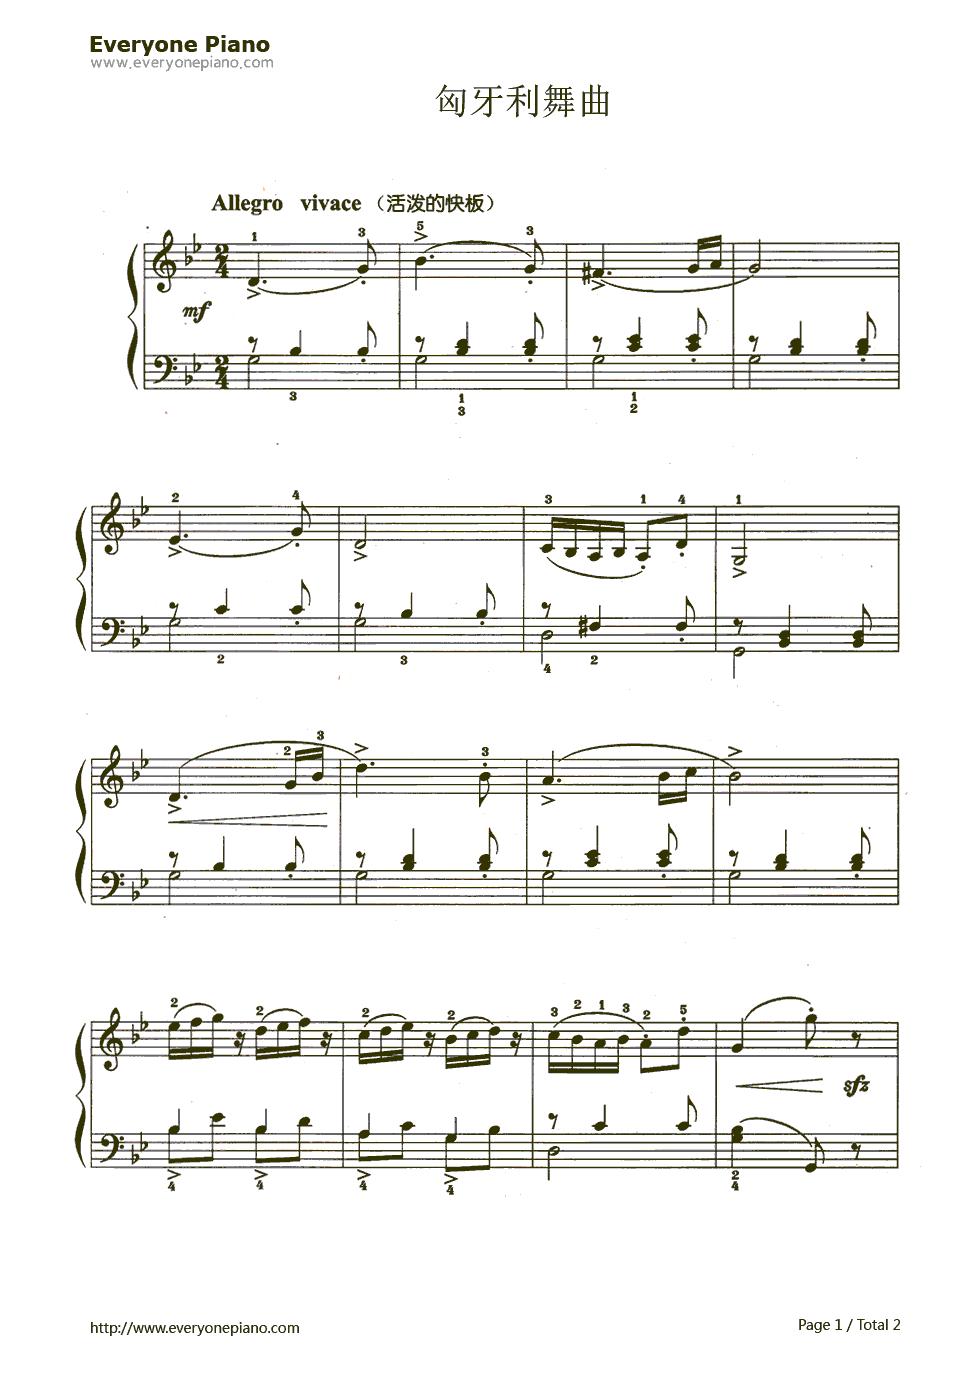 匈牙利舞曲五线谱预览1